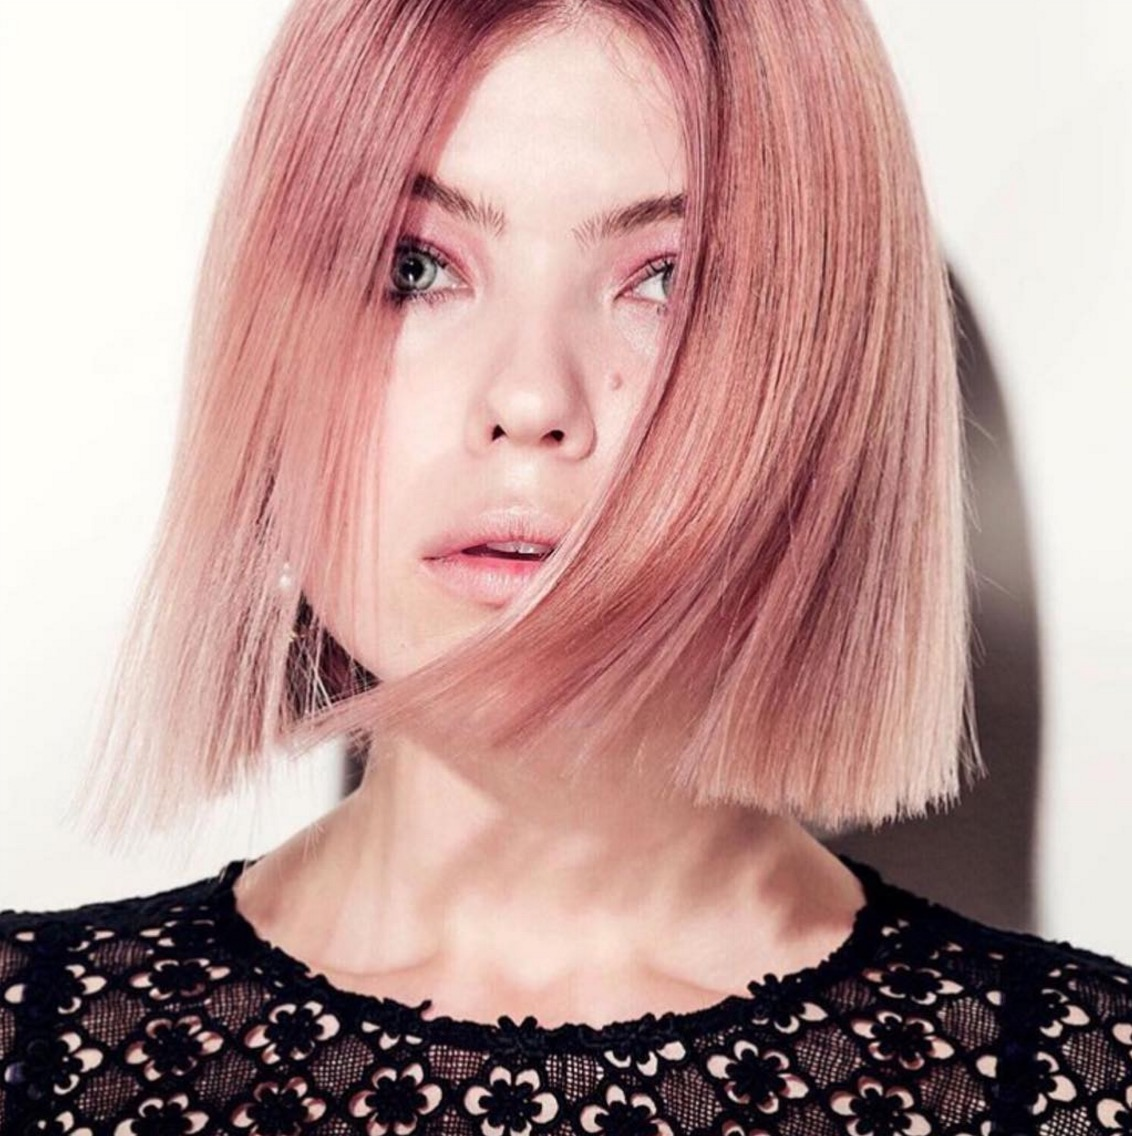 rozovoe-zoloto Модное окрашивание волос 2019-2020 – самый модный цвет волос, тренды и тенденции окрашивания волос